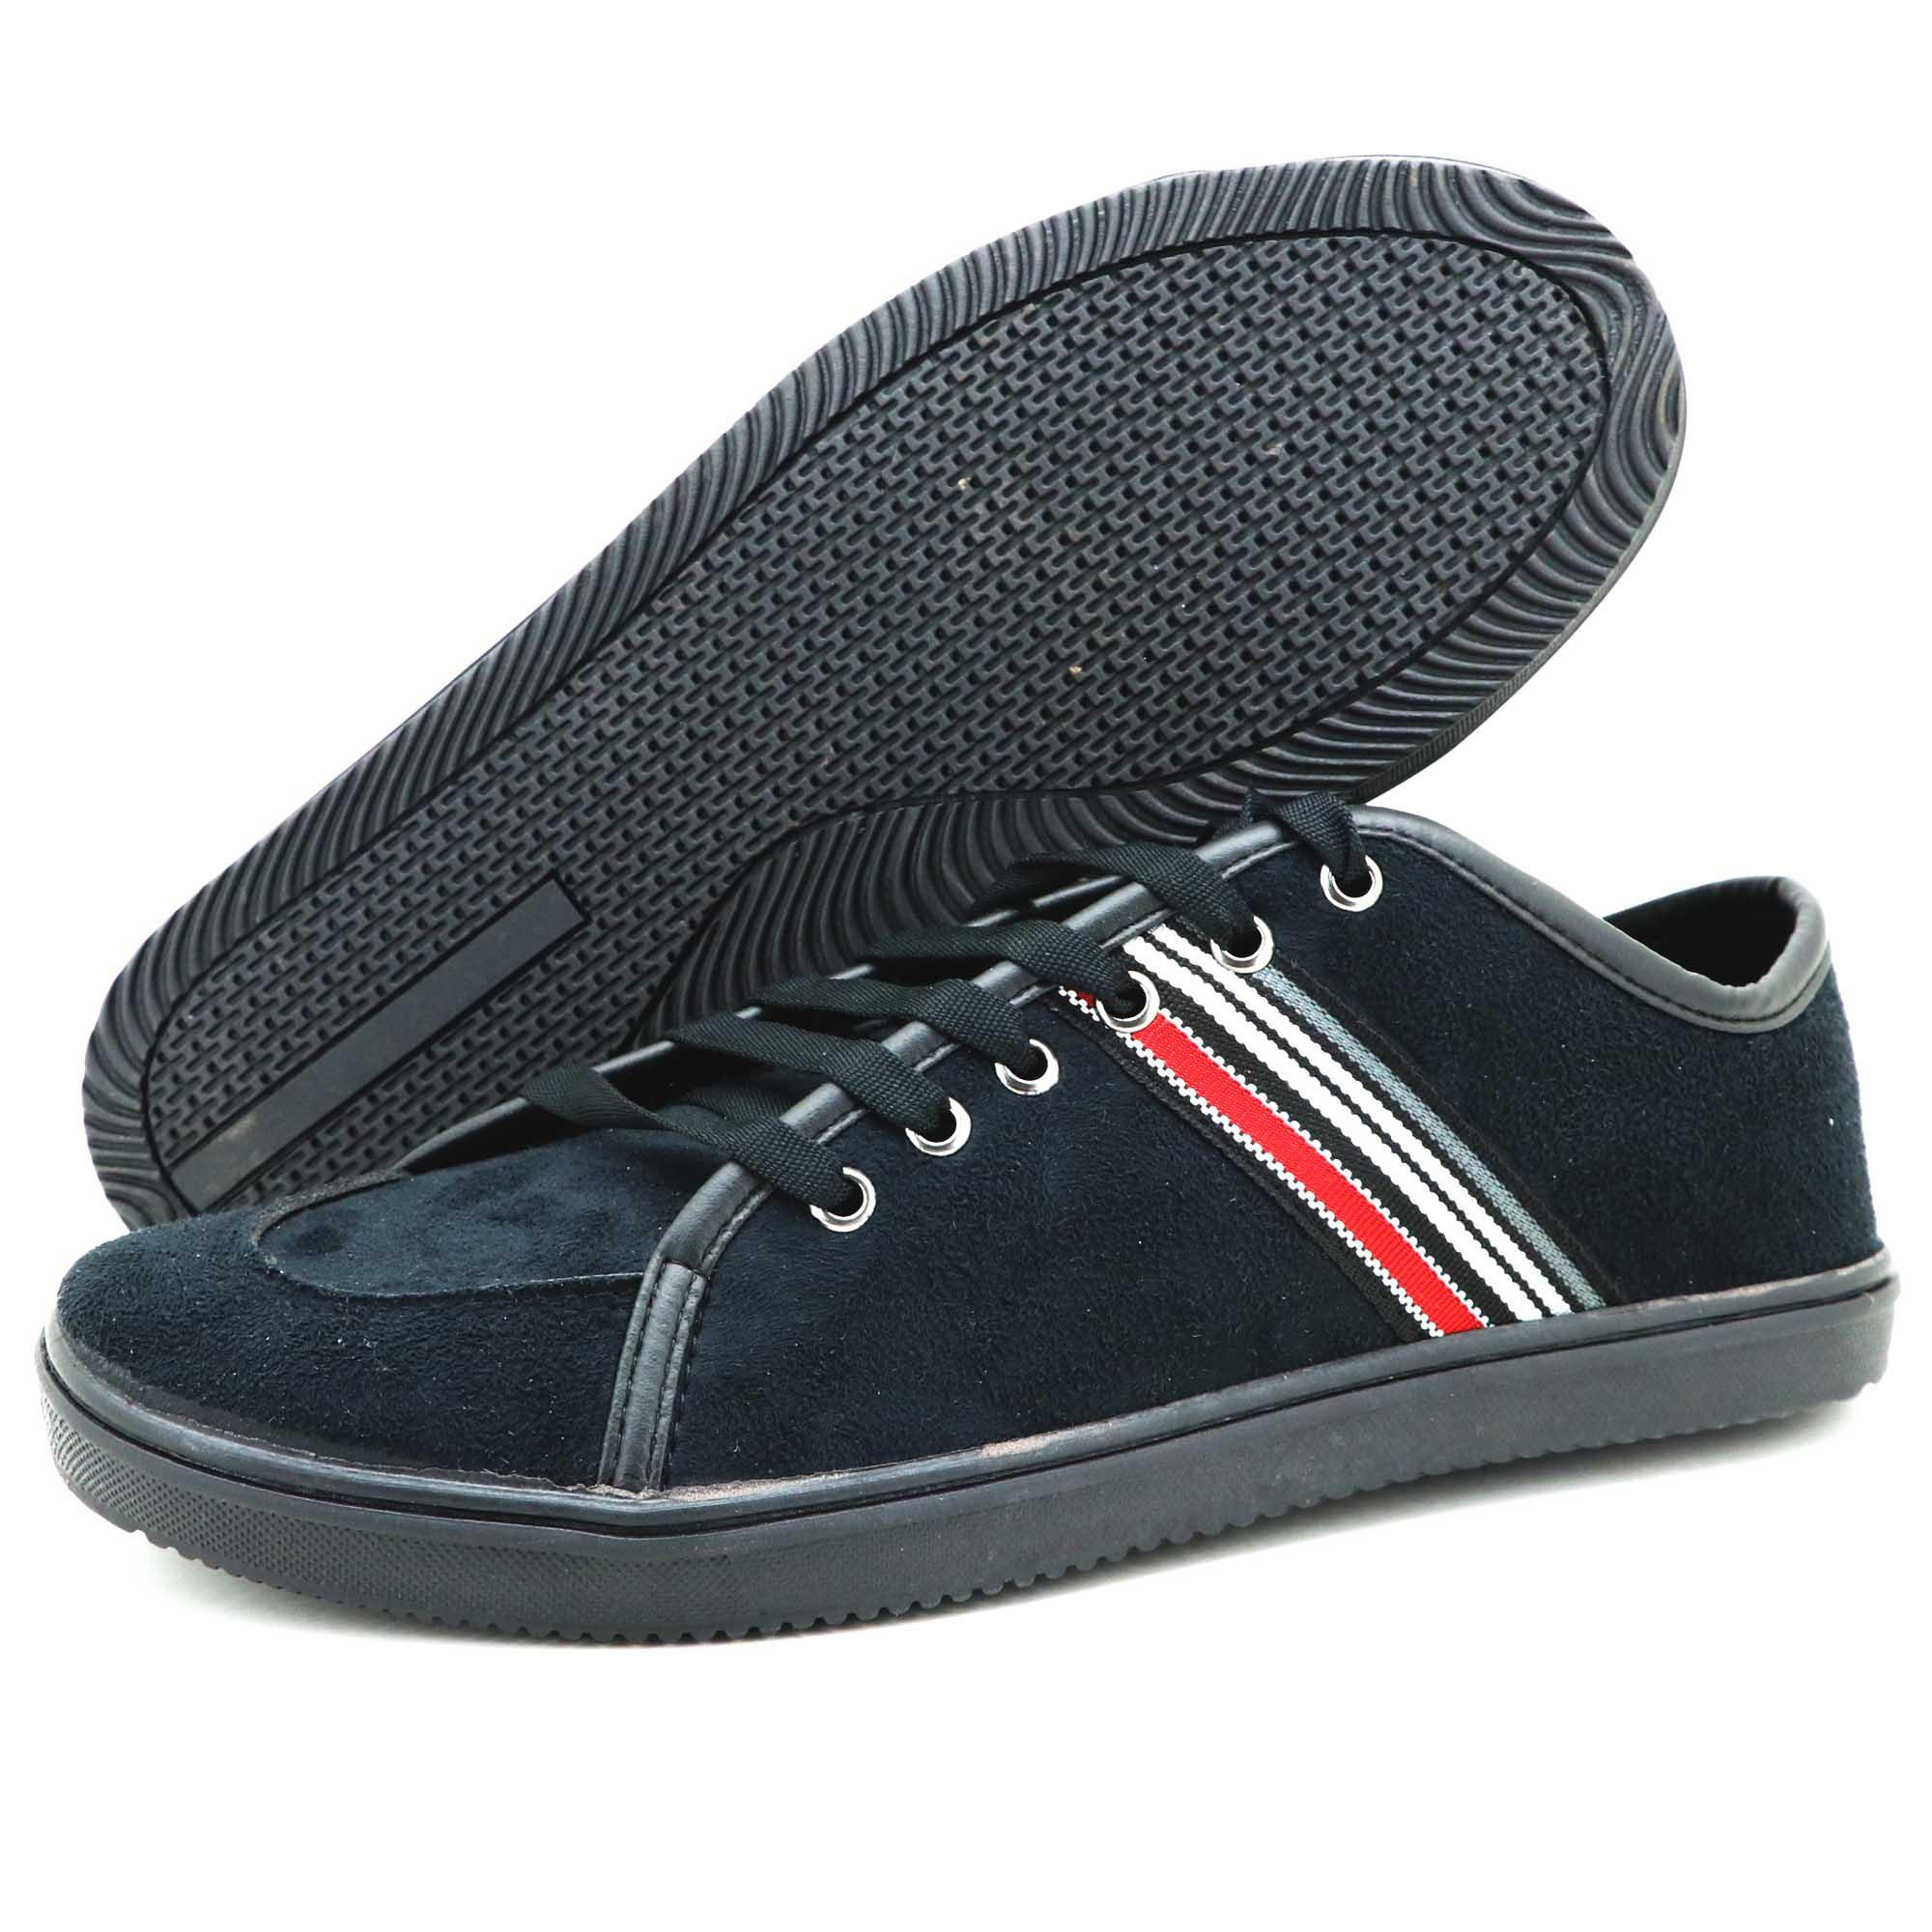 Sapato casual de couro técnologico na cor preta 9001-GRÁTIS 1 CARTEIRA